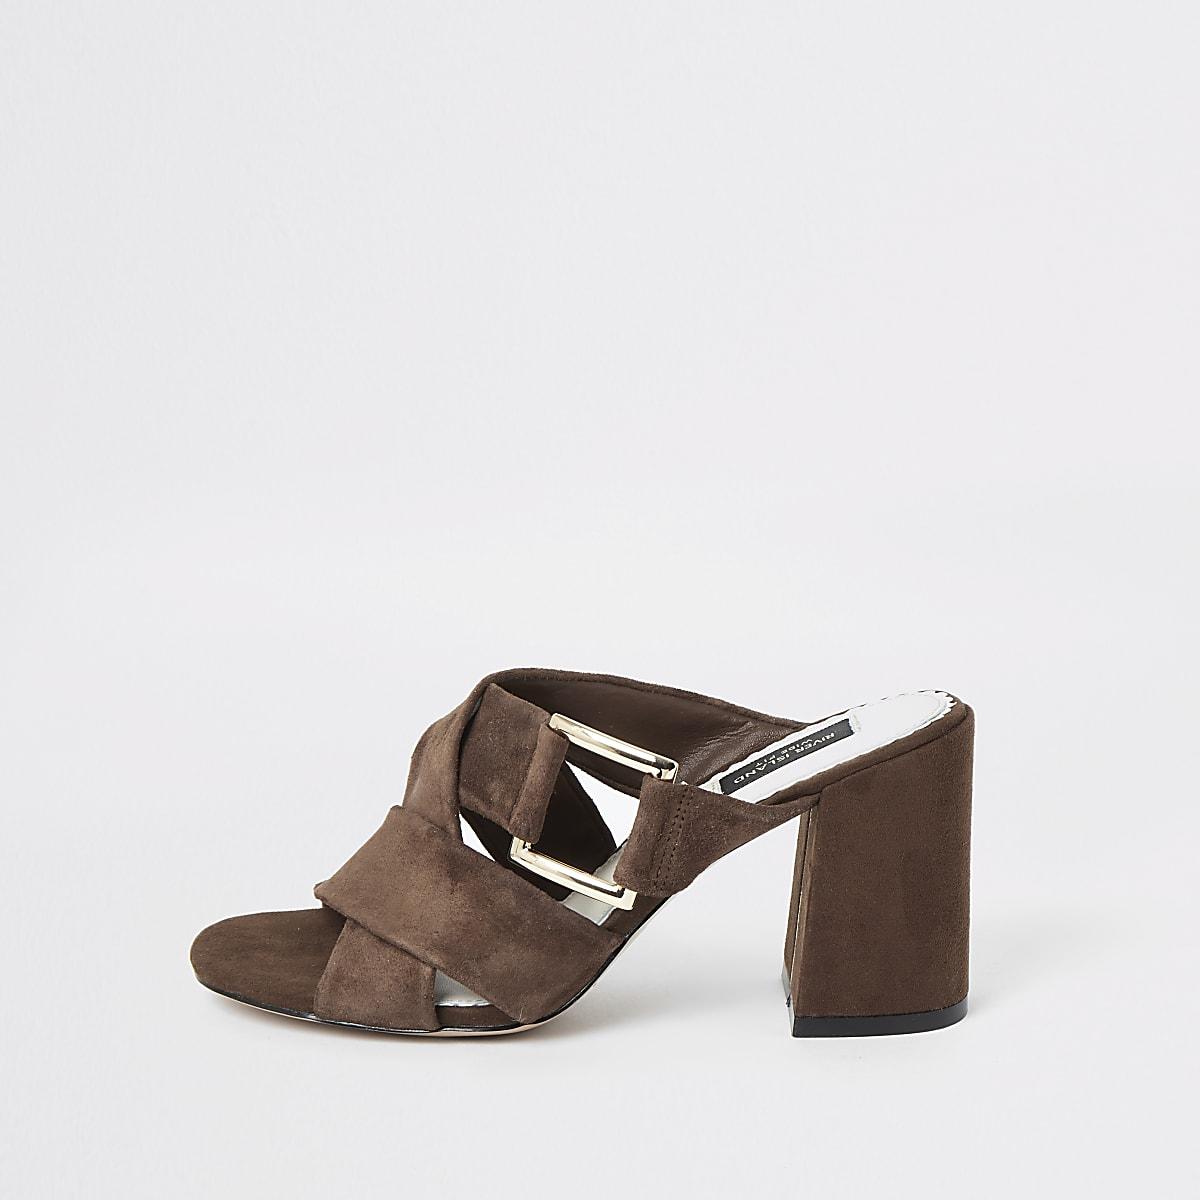 Sandales en daim marron coupe large